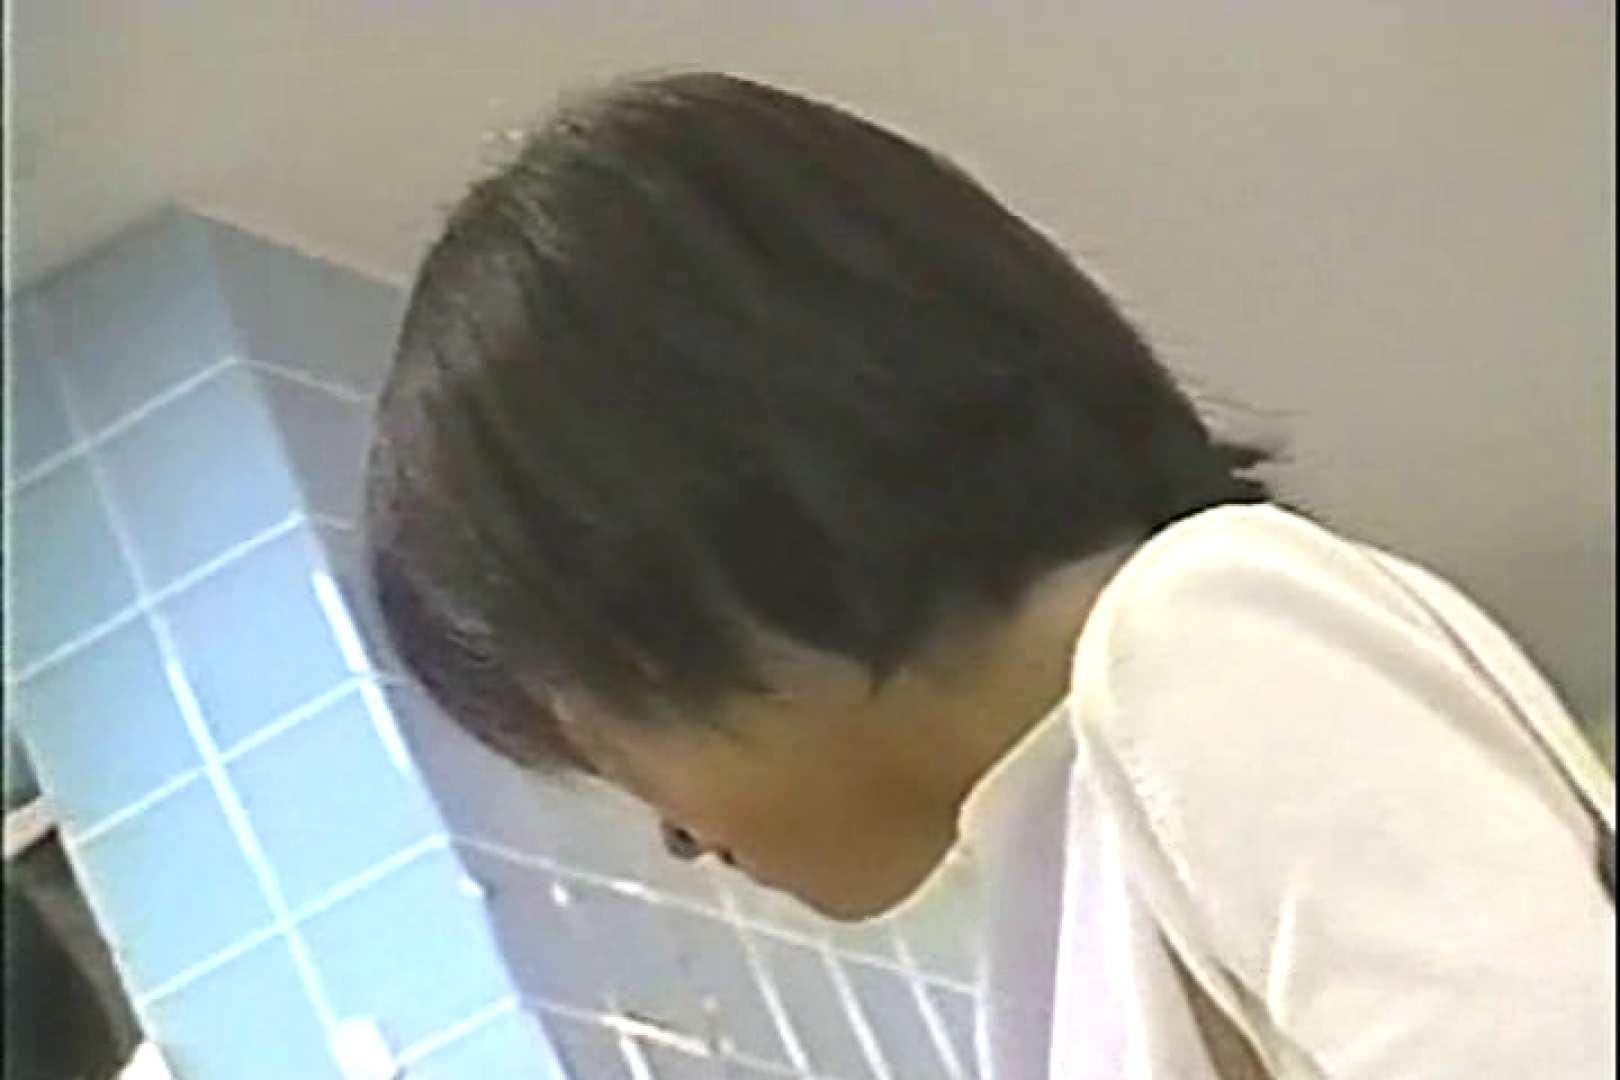 「ちくりん」さんのオリジナル未編集パンチラVol.3_01 美しいOLの裸体 アダルト動画キャプチャ 101pic 38